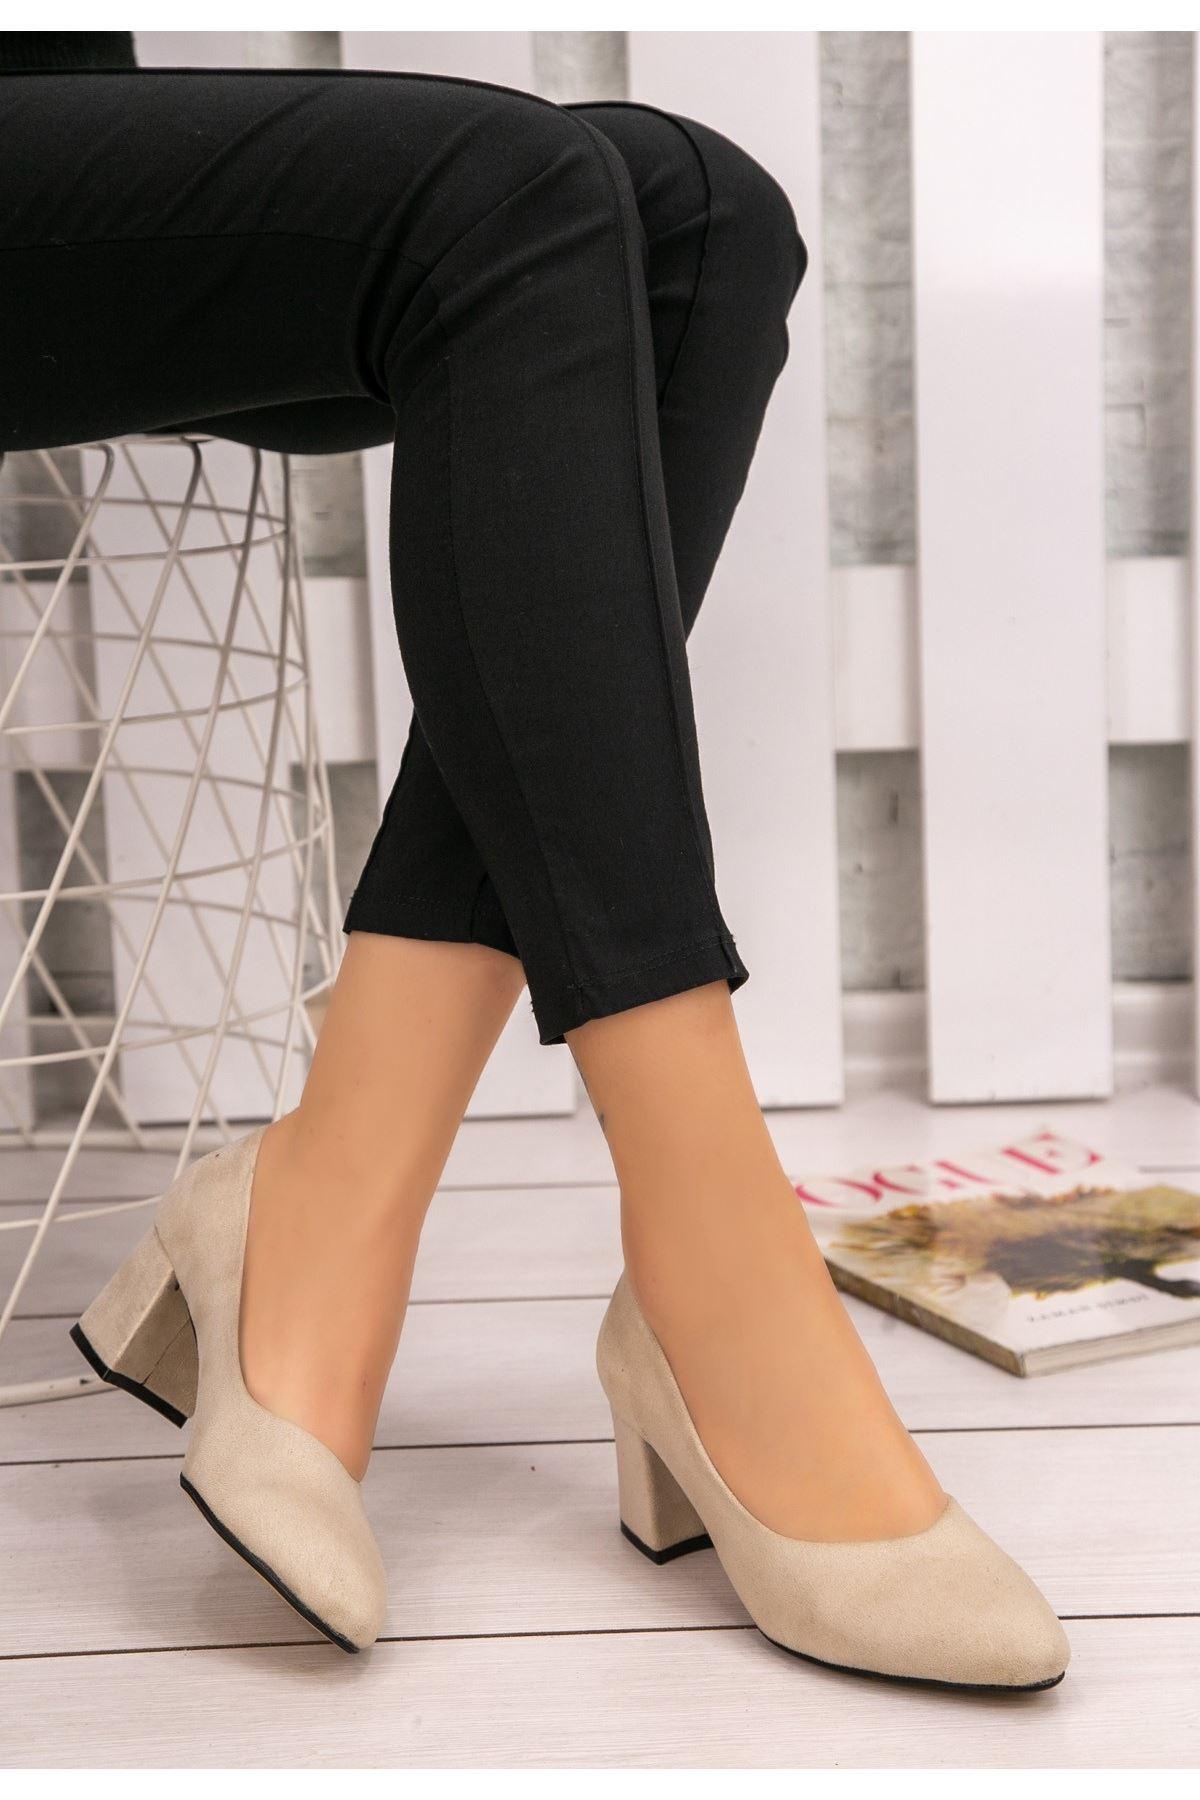 Azol Krem Süet Topuklu Ayakkabı